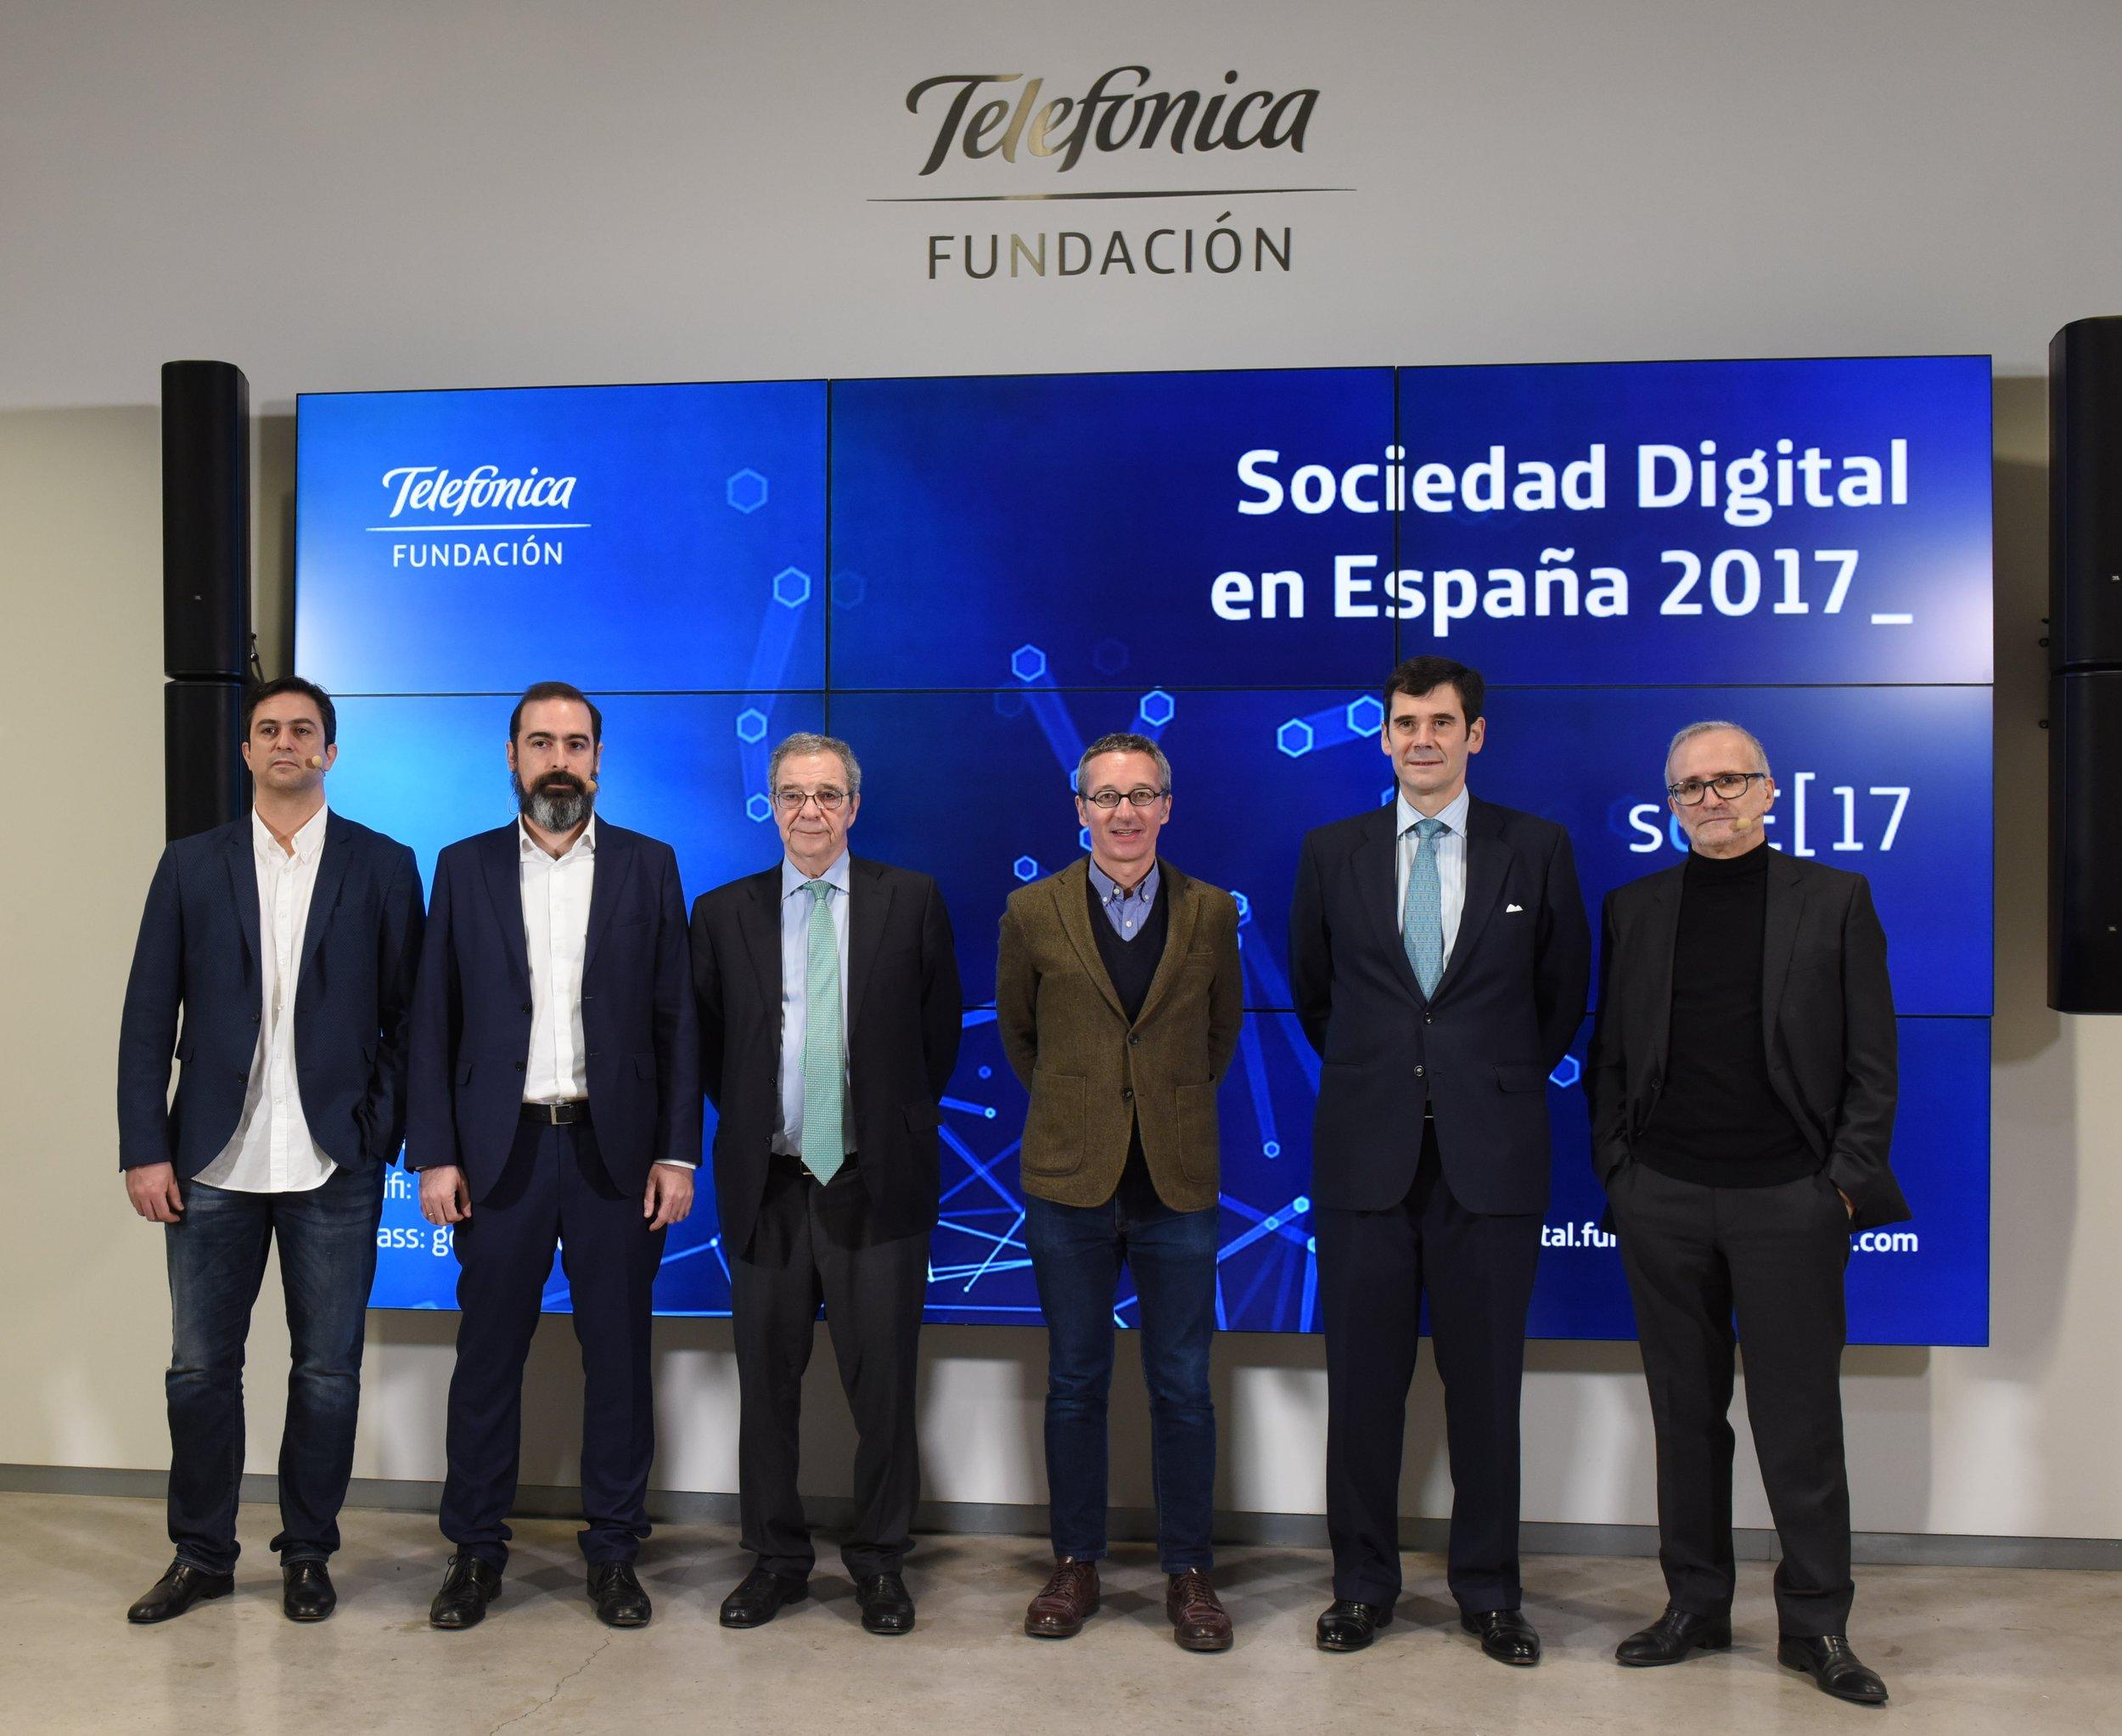 presentacion informe sociedad digital en espana 2017